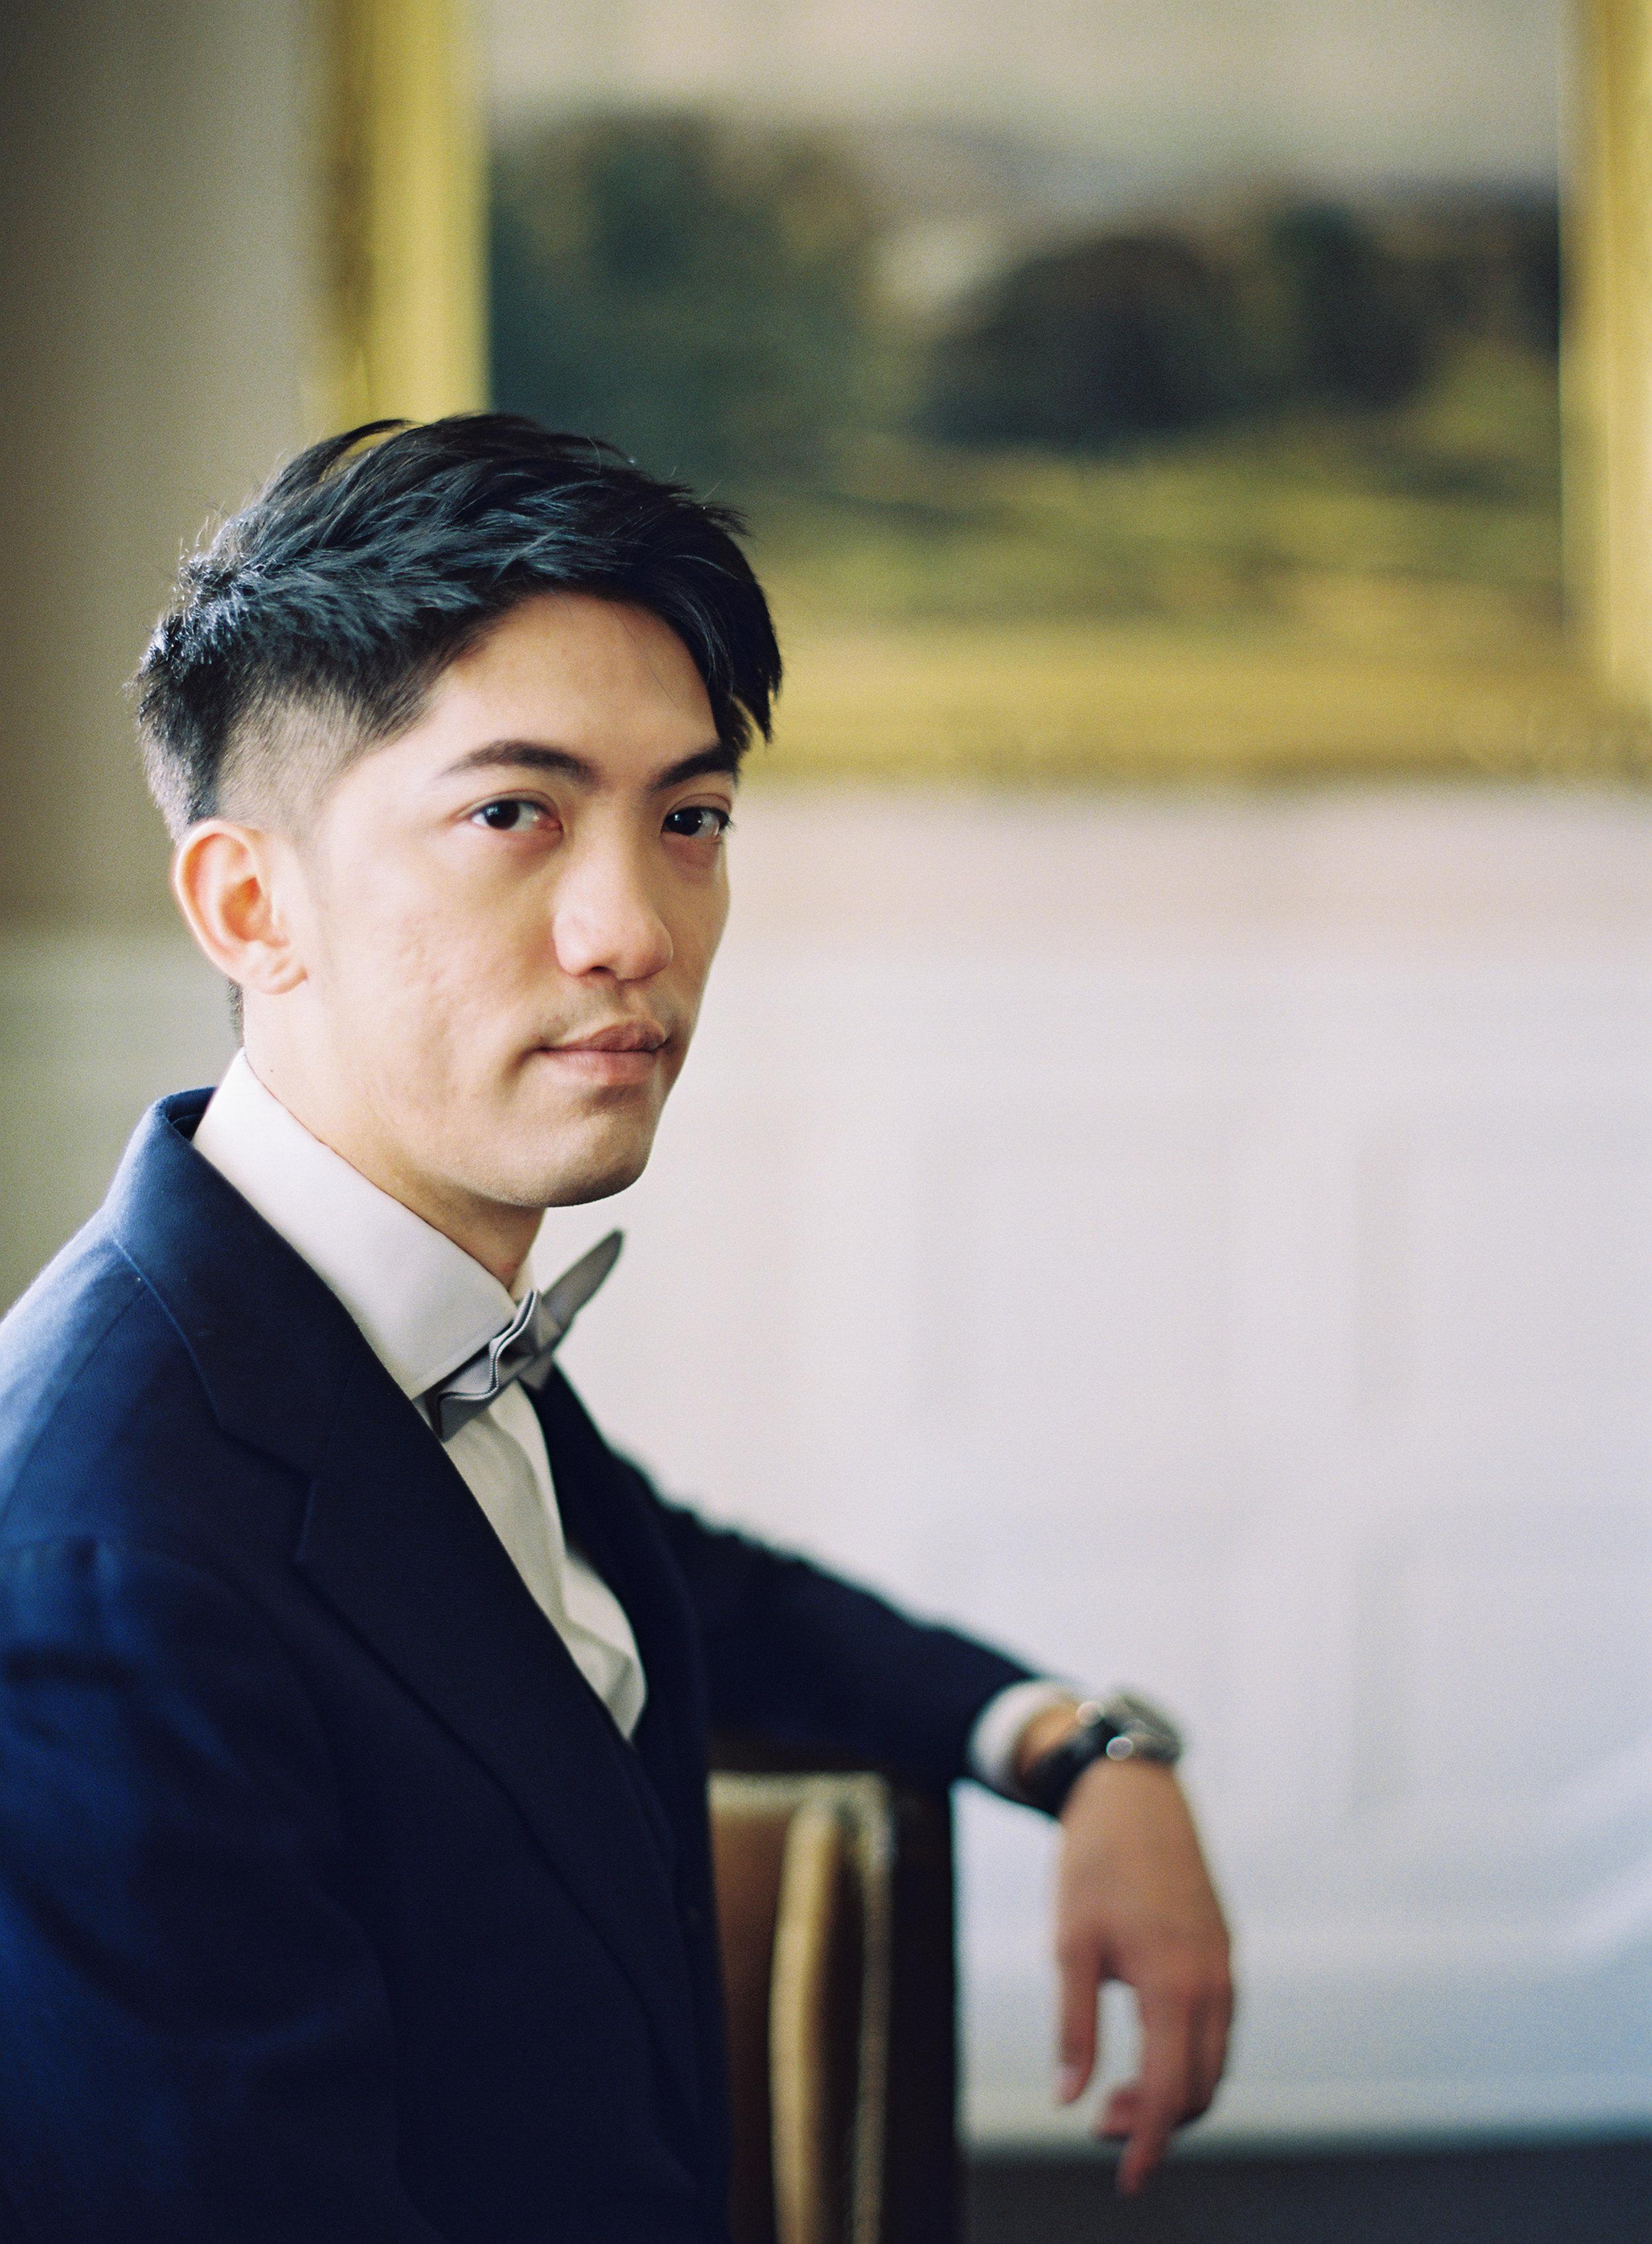 JB-Editorial-122-Jen_Huang-032529-R1-011.jpg